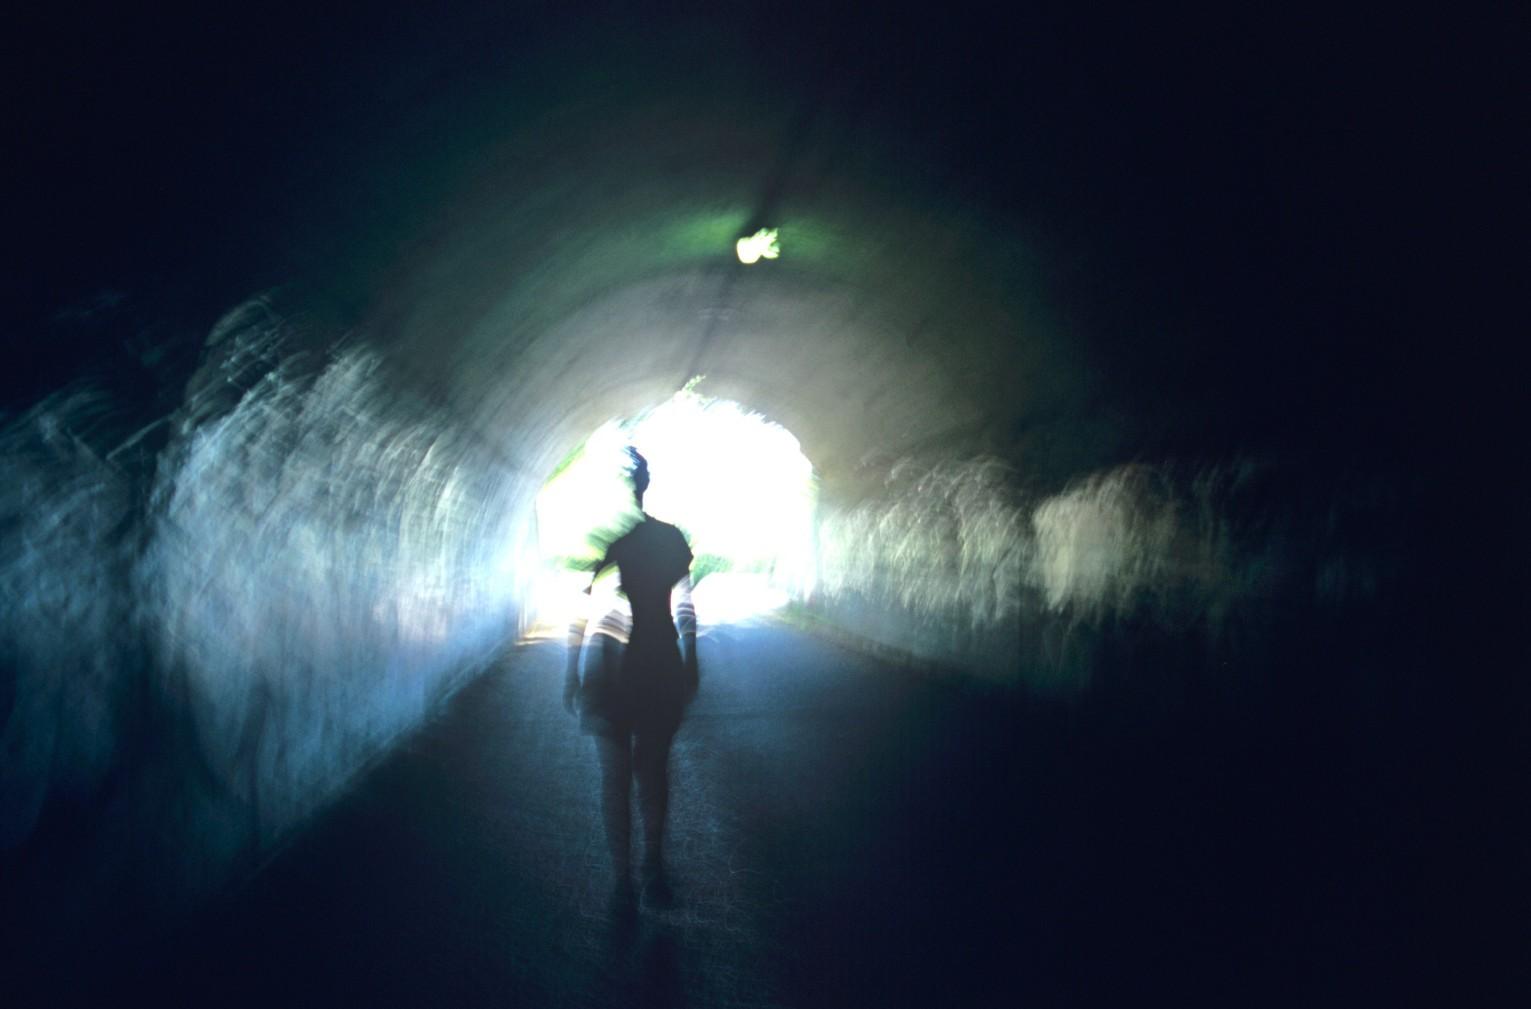 5-28  -mileniales- Un estudio revela que nuestra consciencia sigue funcionando una vez muertos